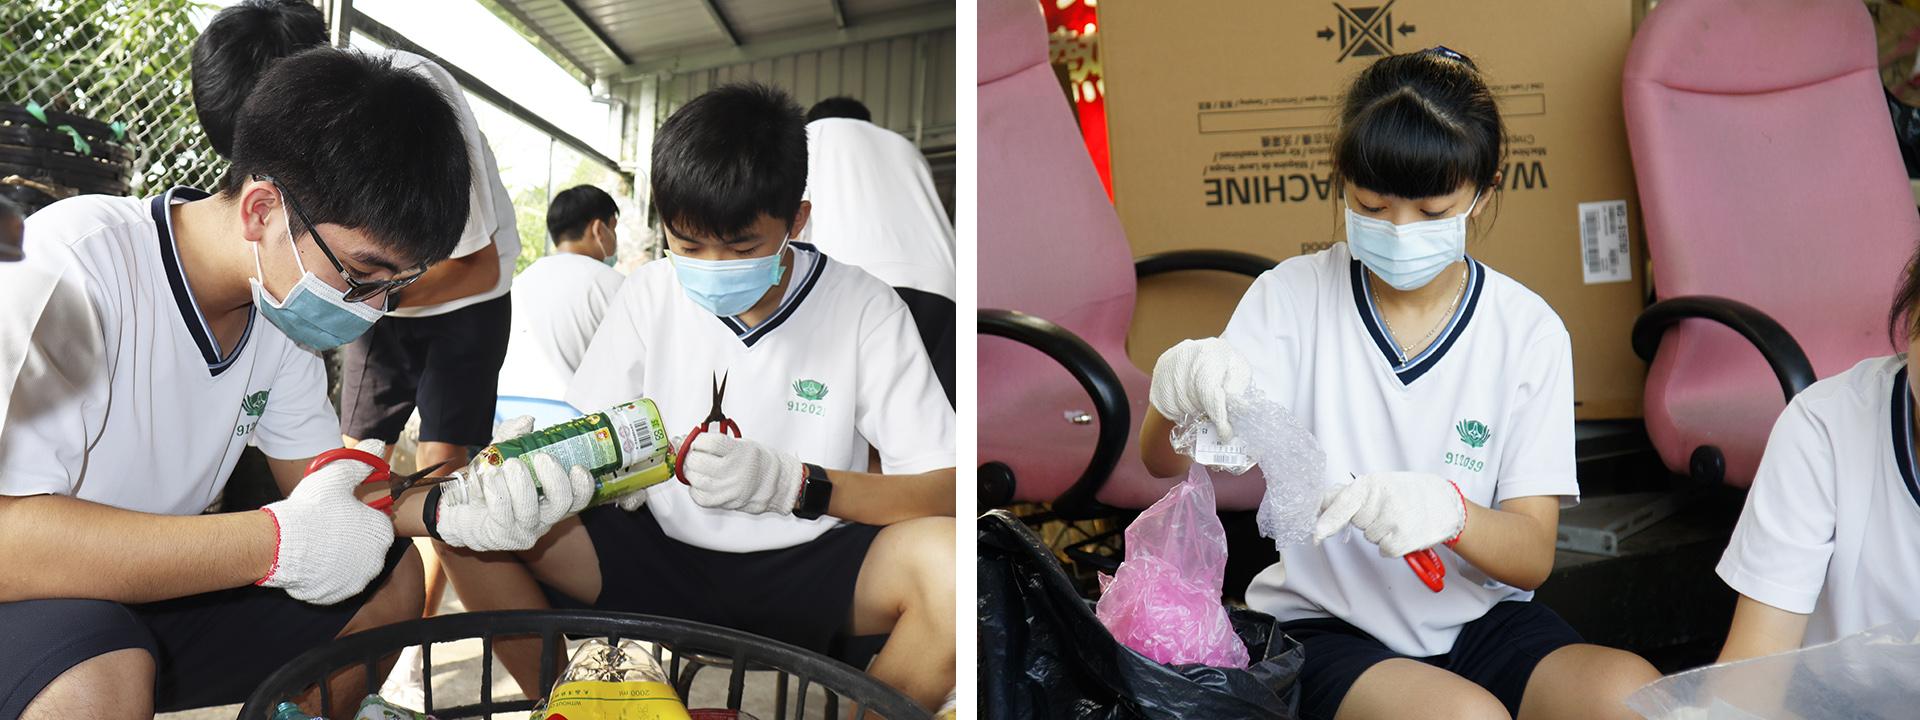 小小寶特瓶扣環、塑膠分類均有有大大學問,用心即是專業。